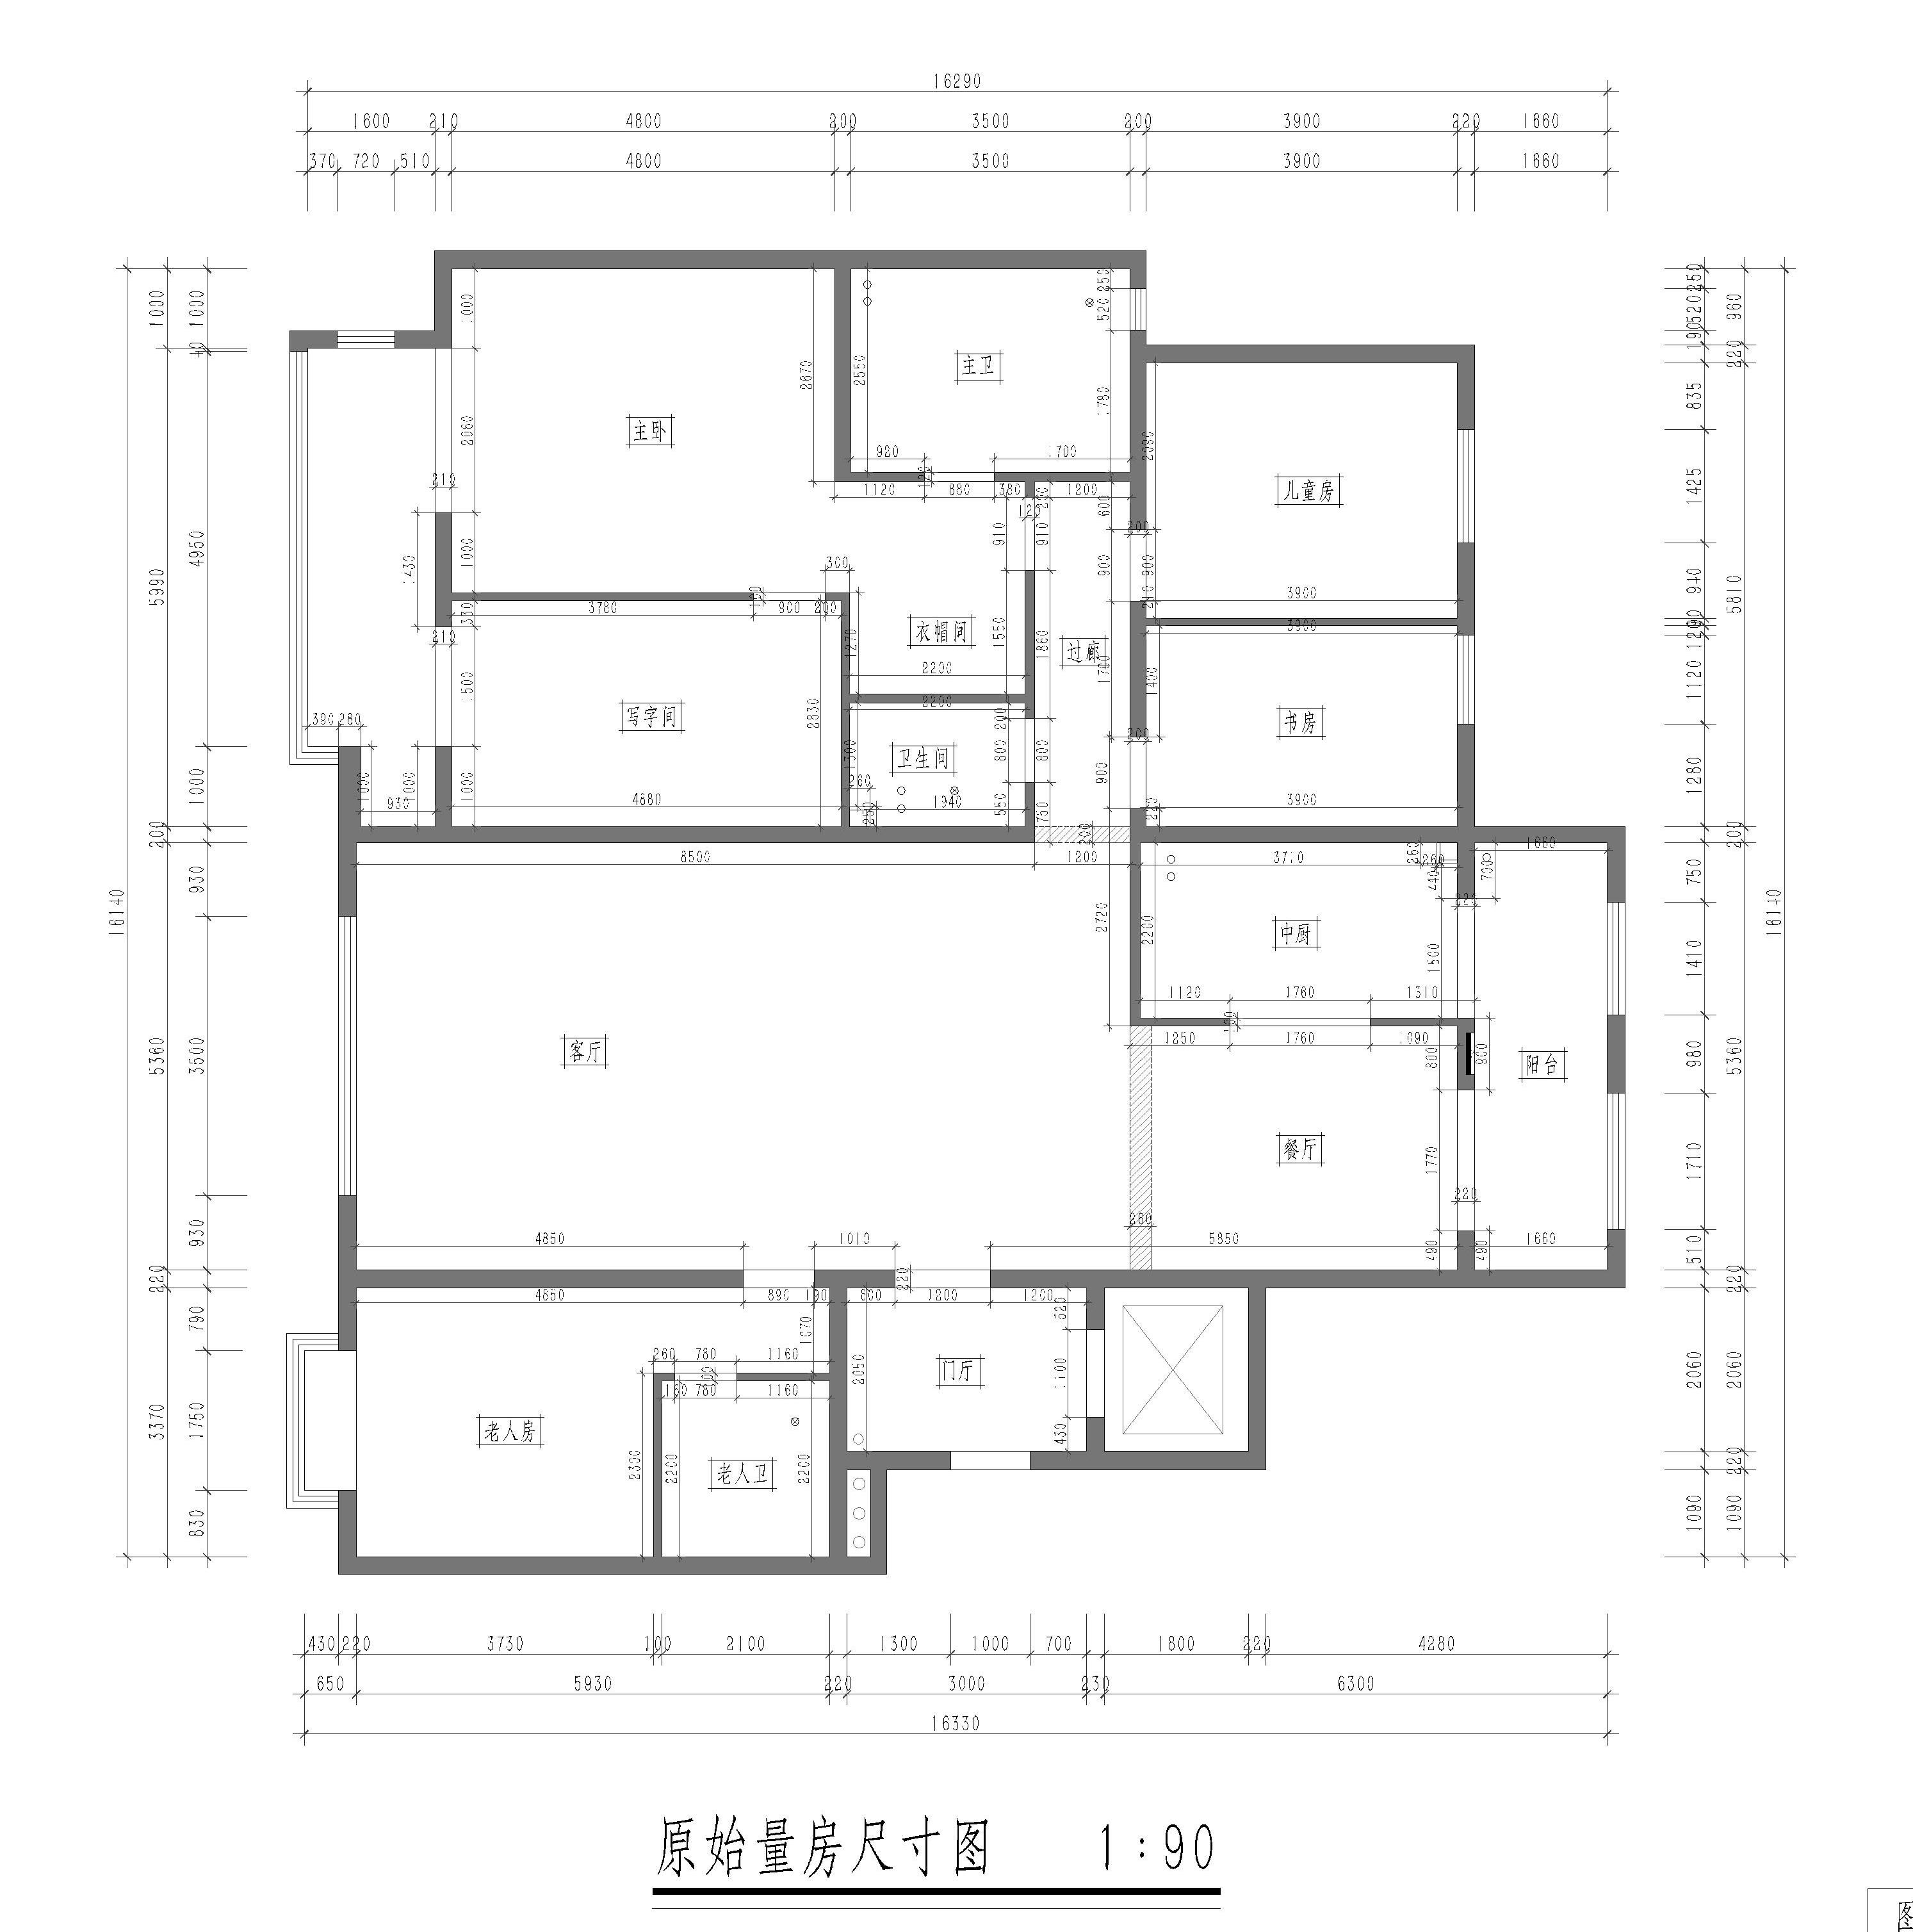 小井润园-191平米-现代中式-装修效果图装修设计理念